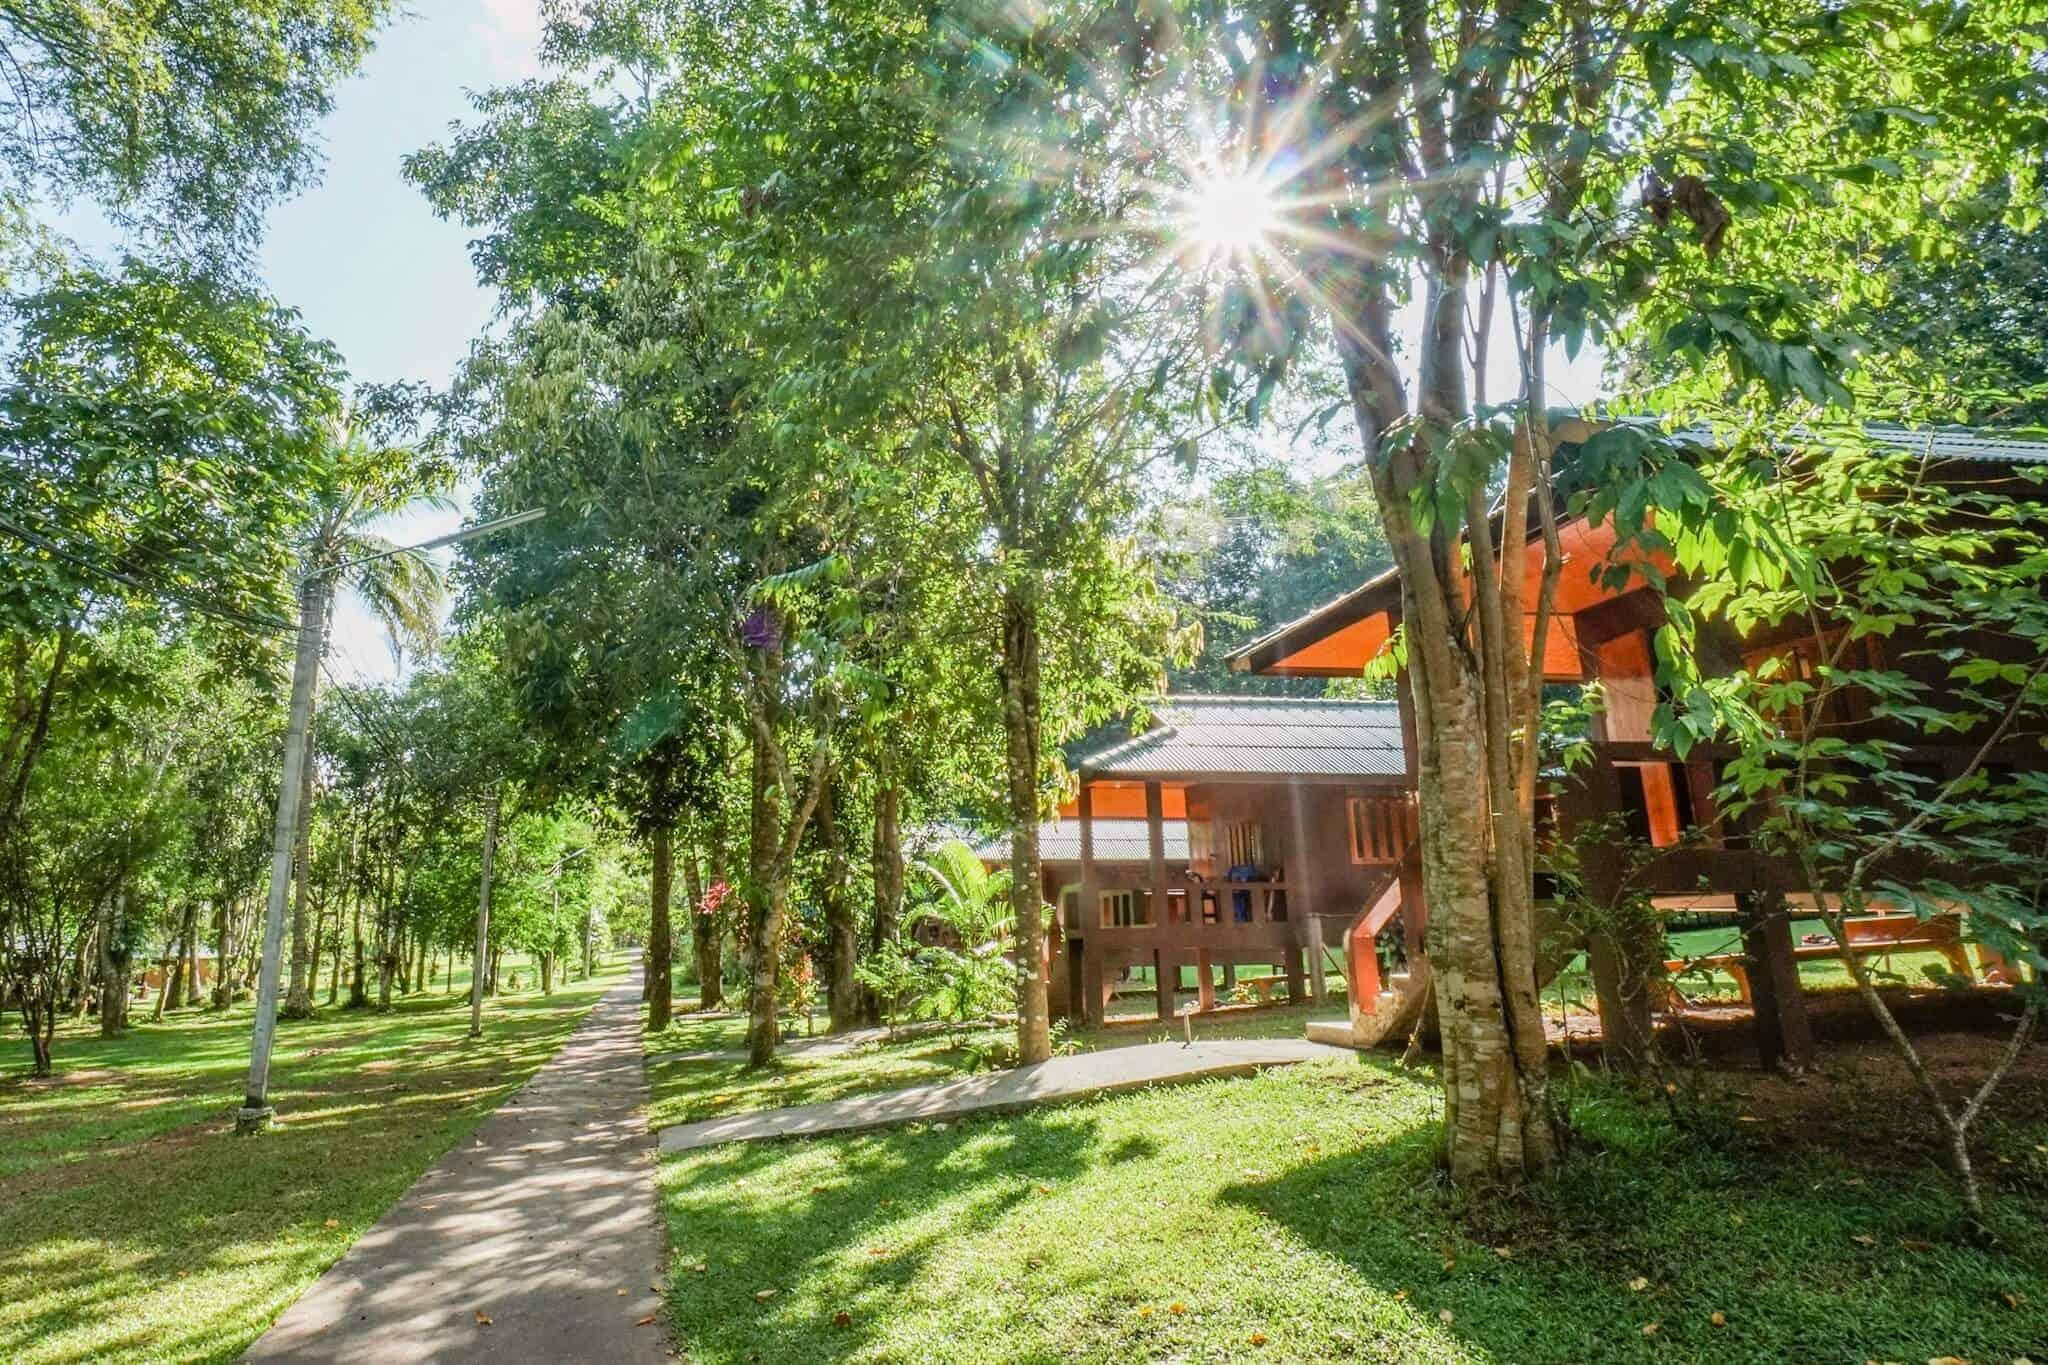 Kutis im Wat Pa Tam Wua Forest Monastery